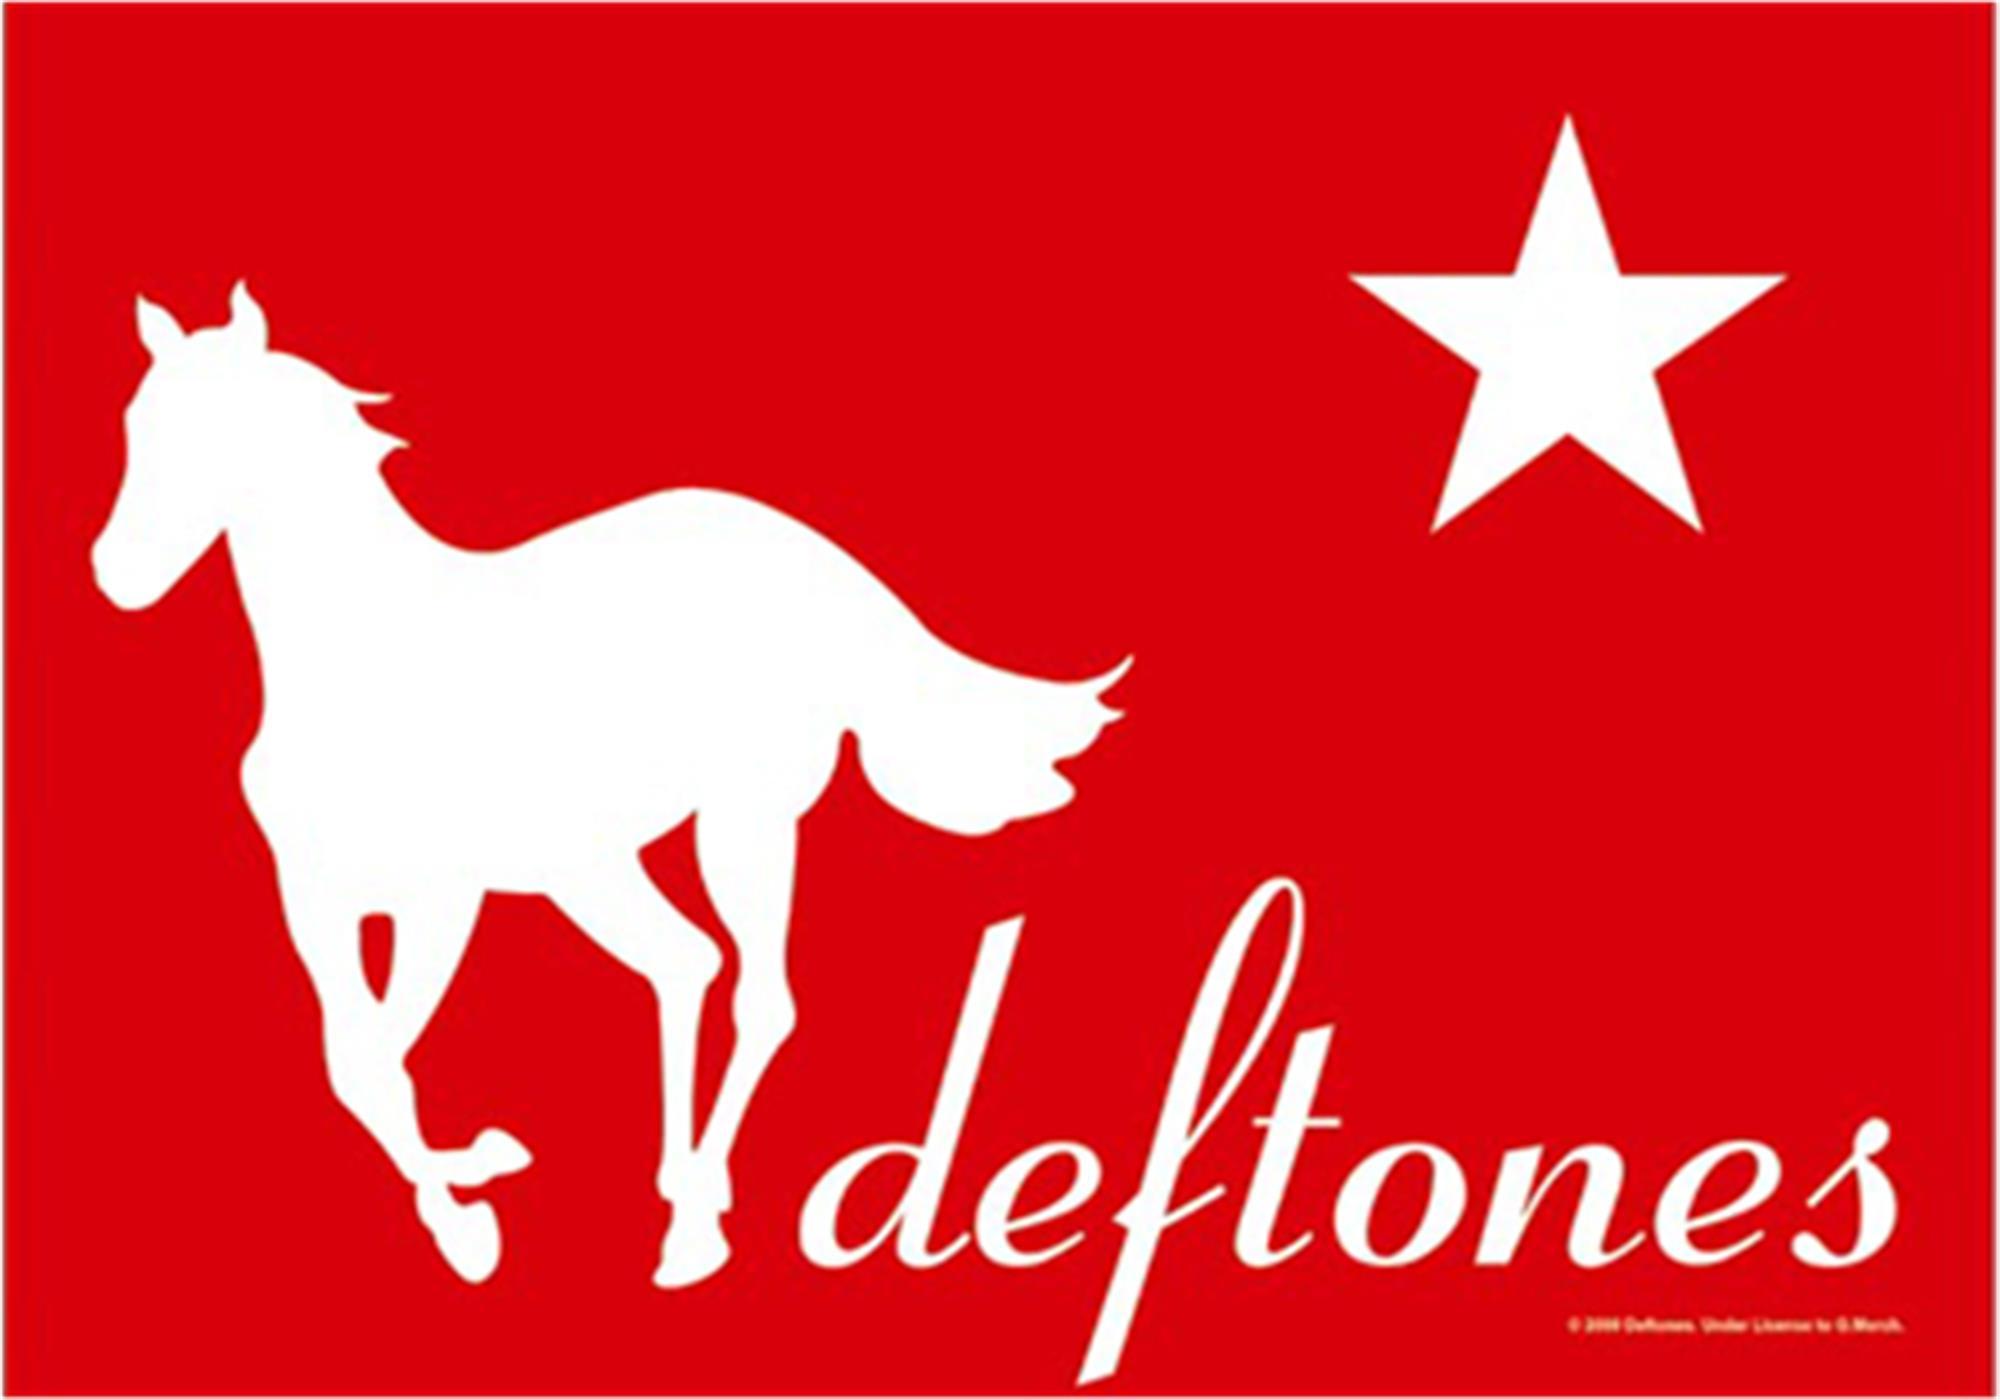 White Pony Flag